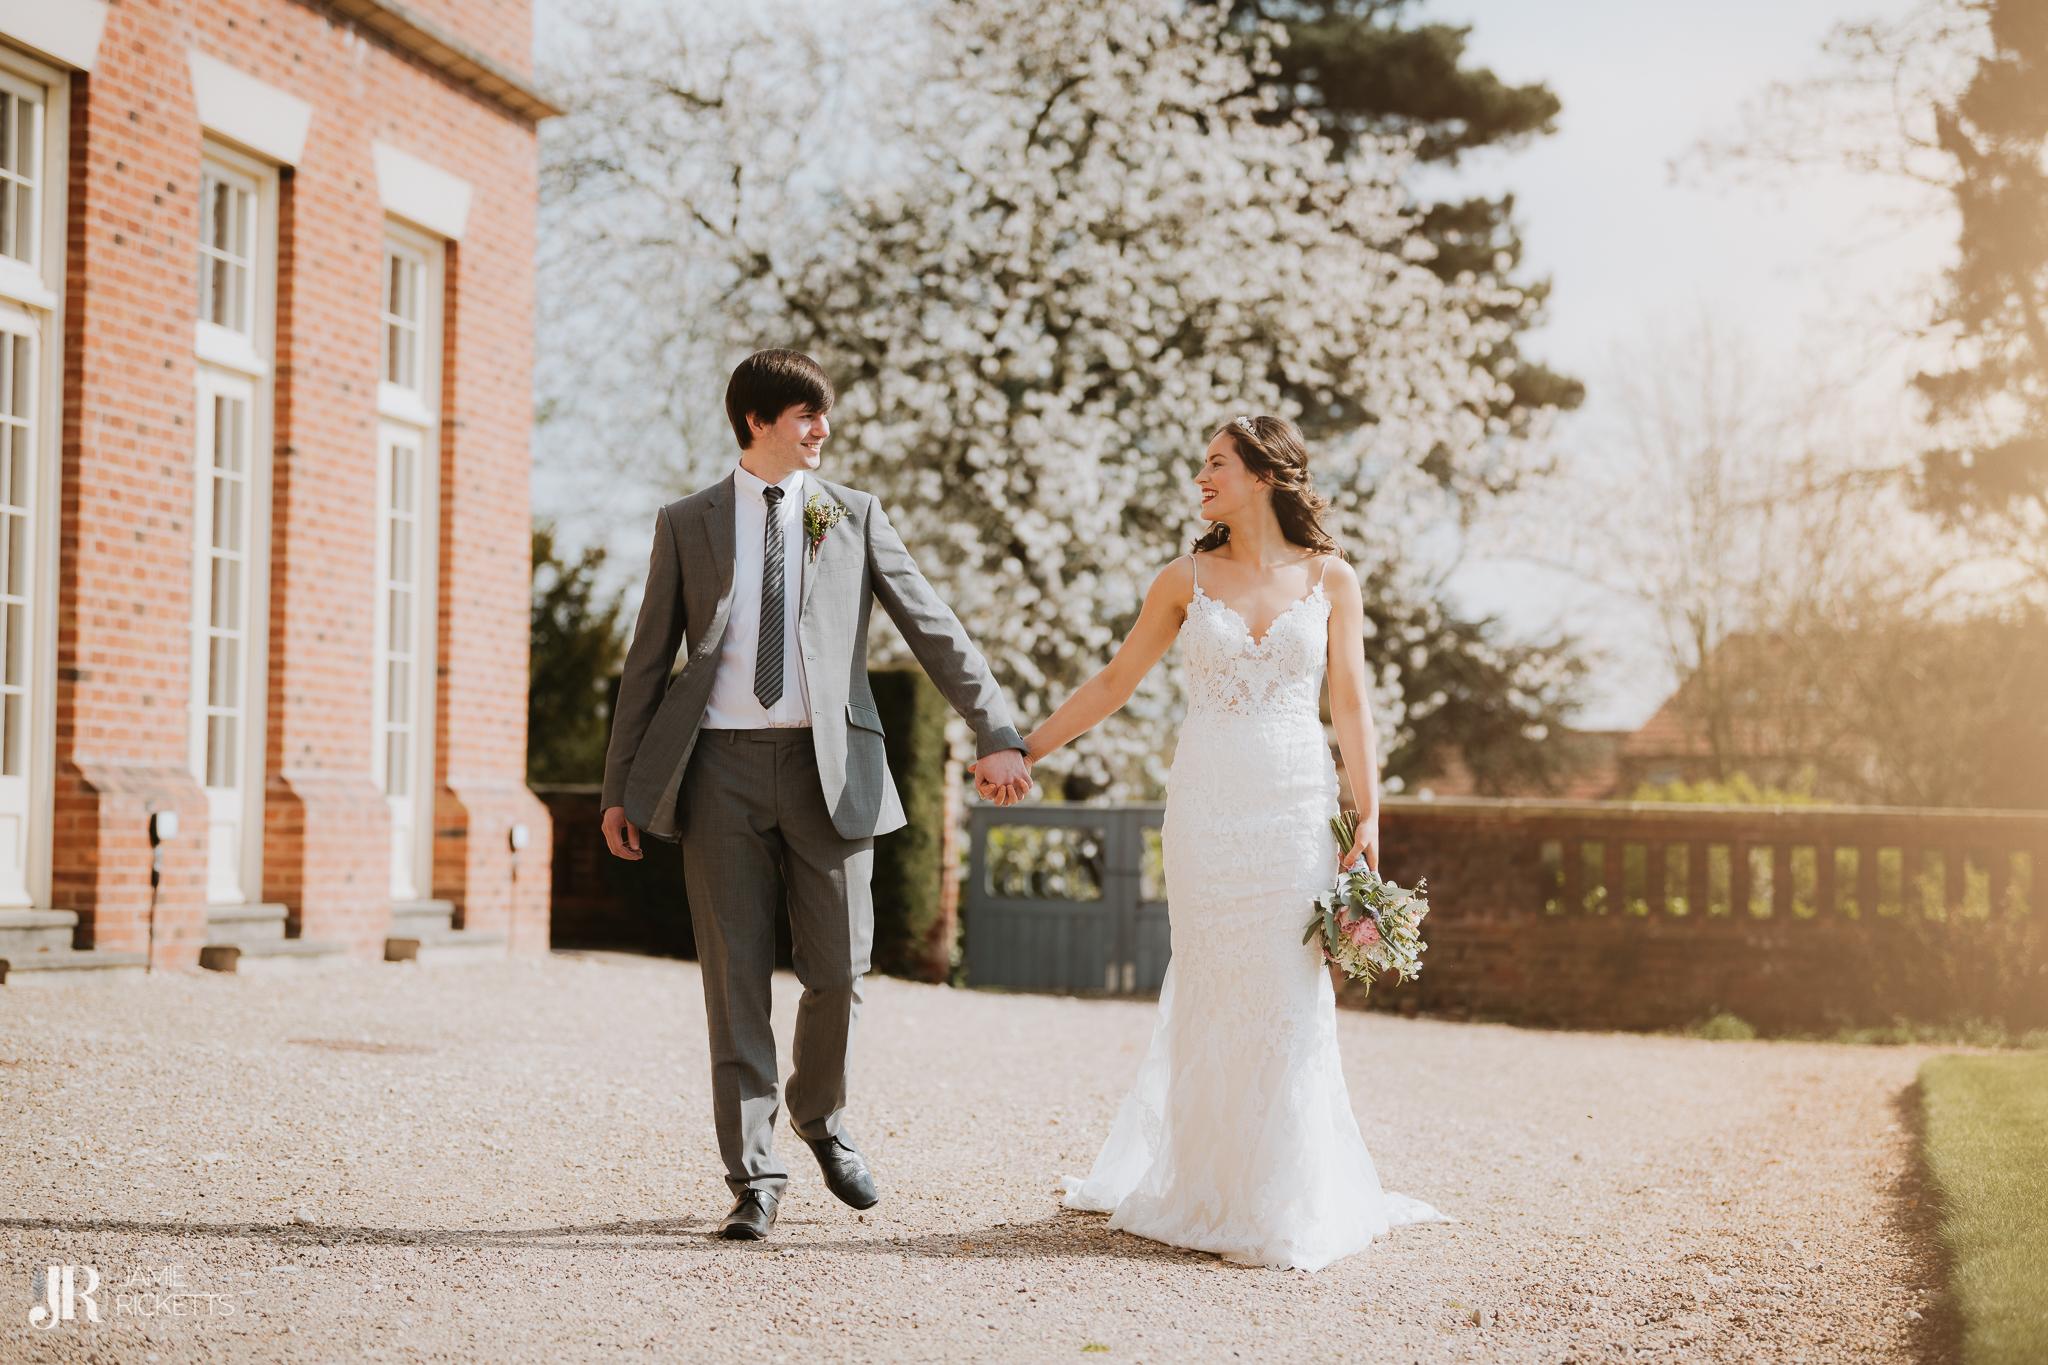 SPRING WEDDING WORKSHOP-JR-SM-06.04.2019-38.JPG